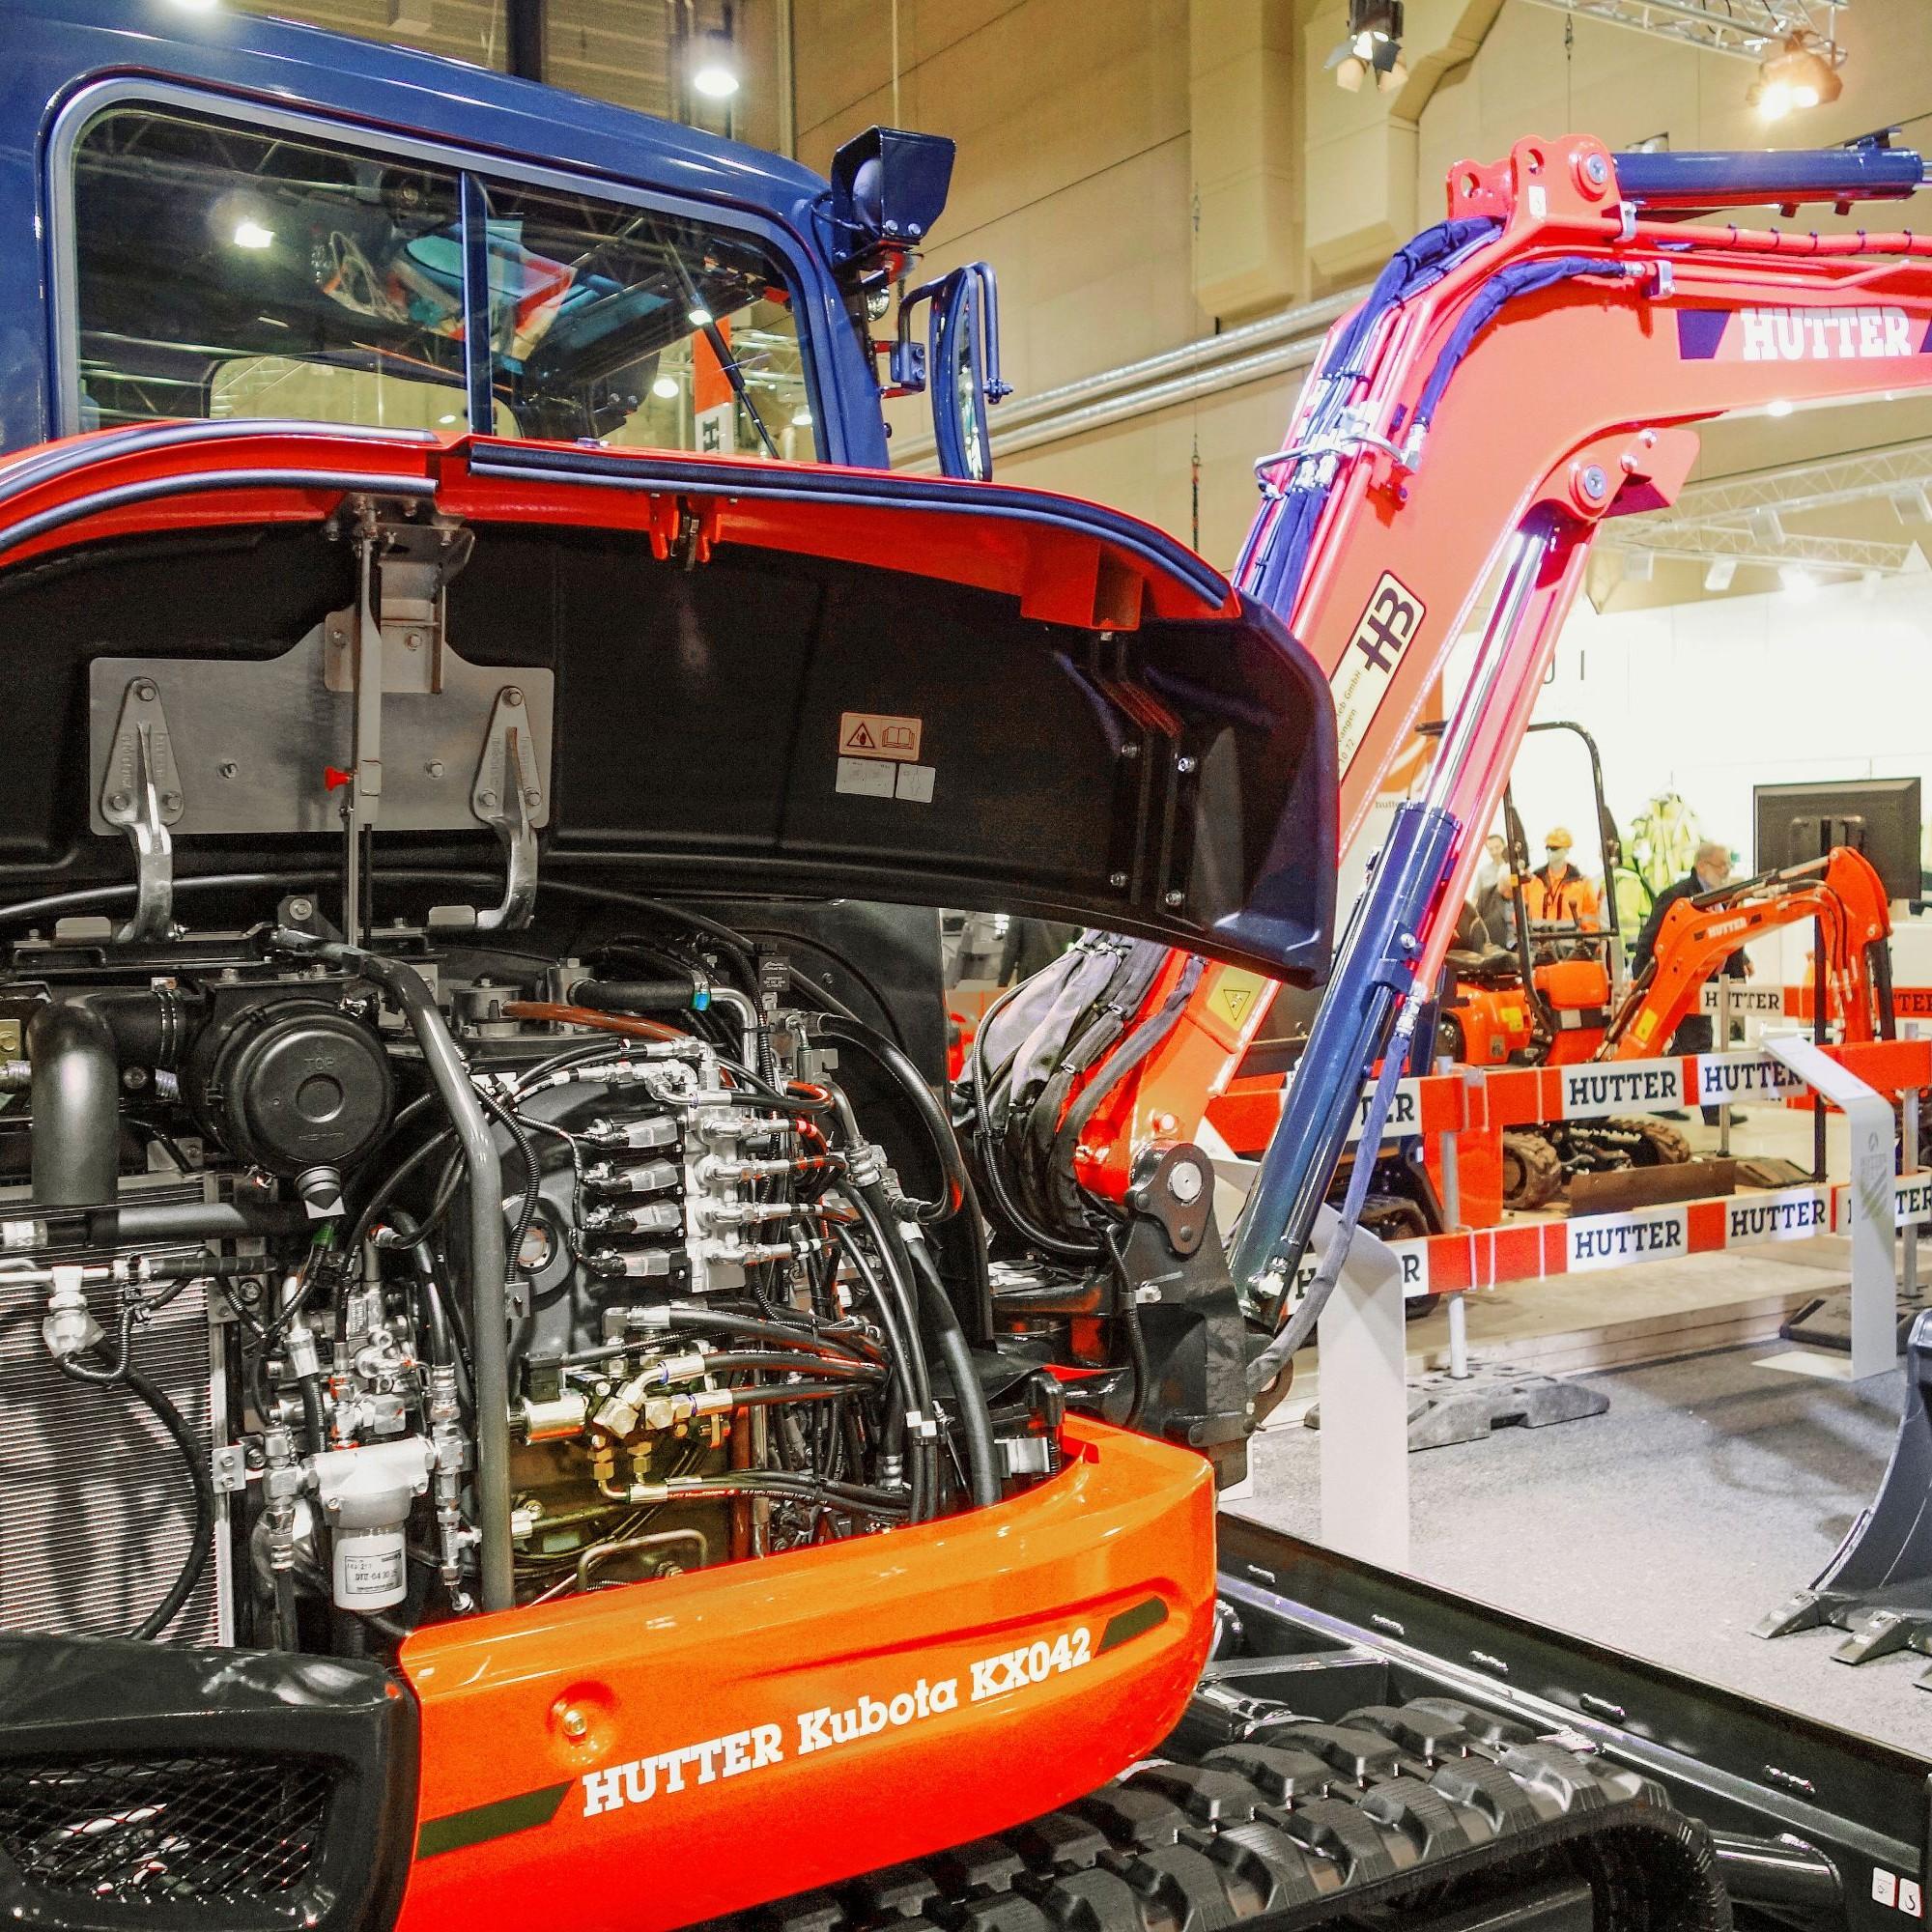 Die 19.Baumaschinen-Messe Baumag ist der Schweizer Treffpunkt für Hersteller und Händler von Baufahrzeugen und Baumaschinen...